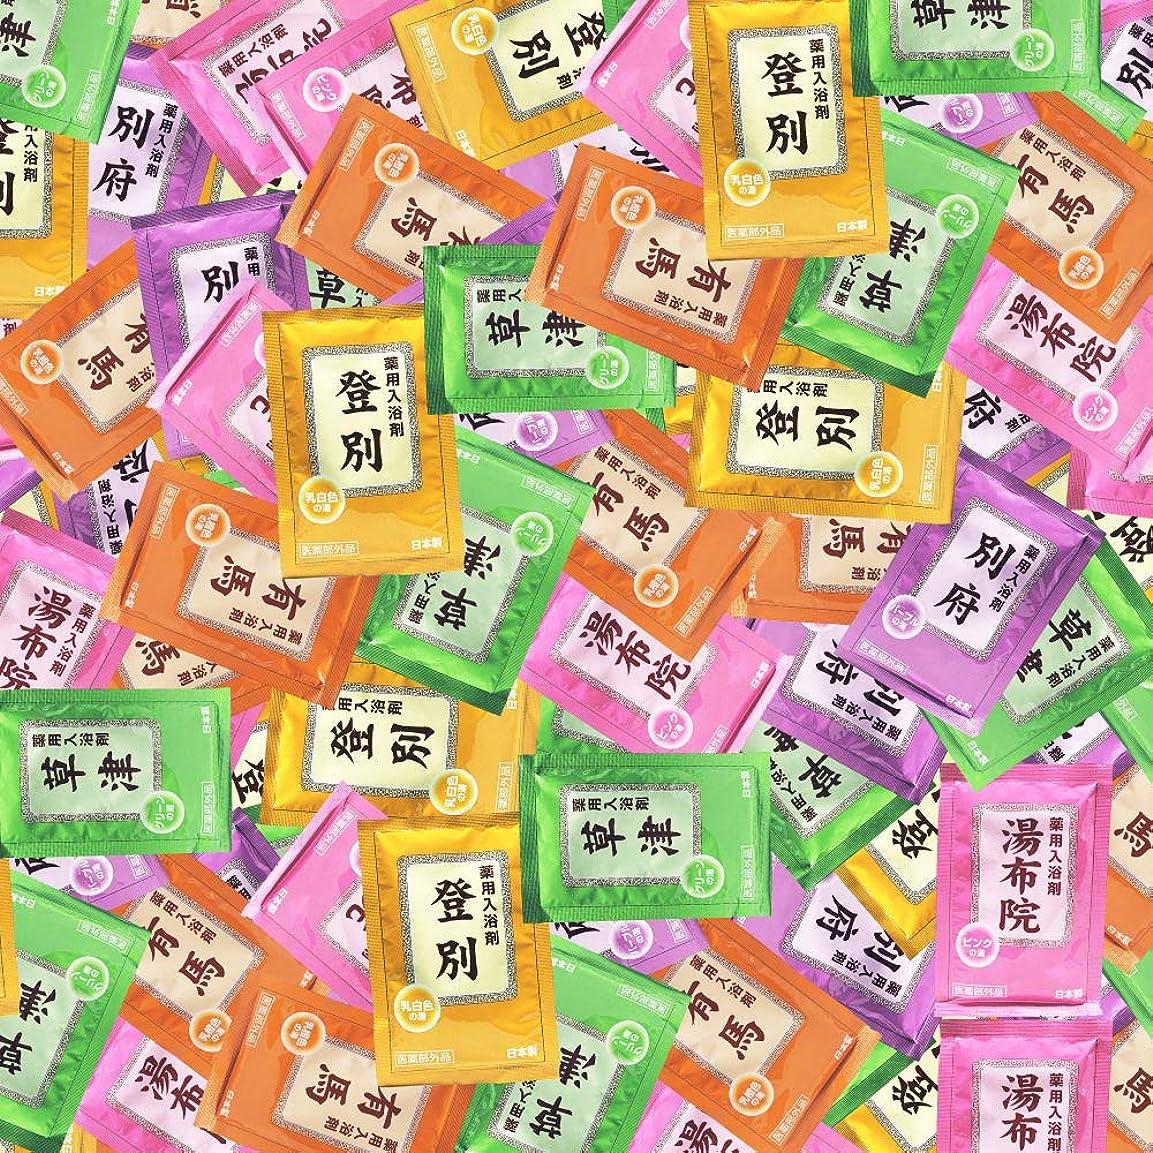 かすかな苦しむスペイン入浴剤 ギフト プレゼント 湯宿めぐり 5種類 (200袋)セット